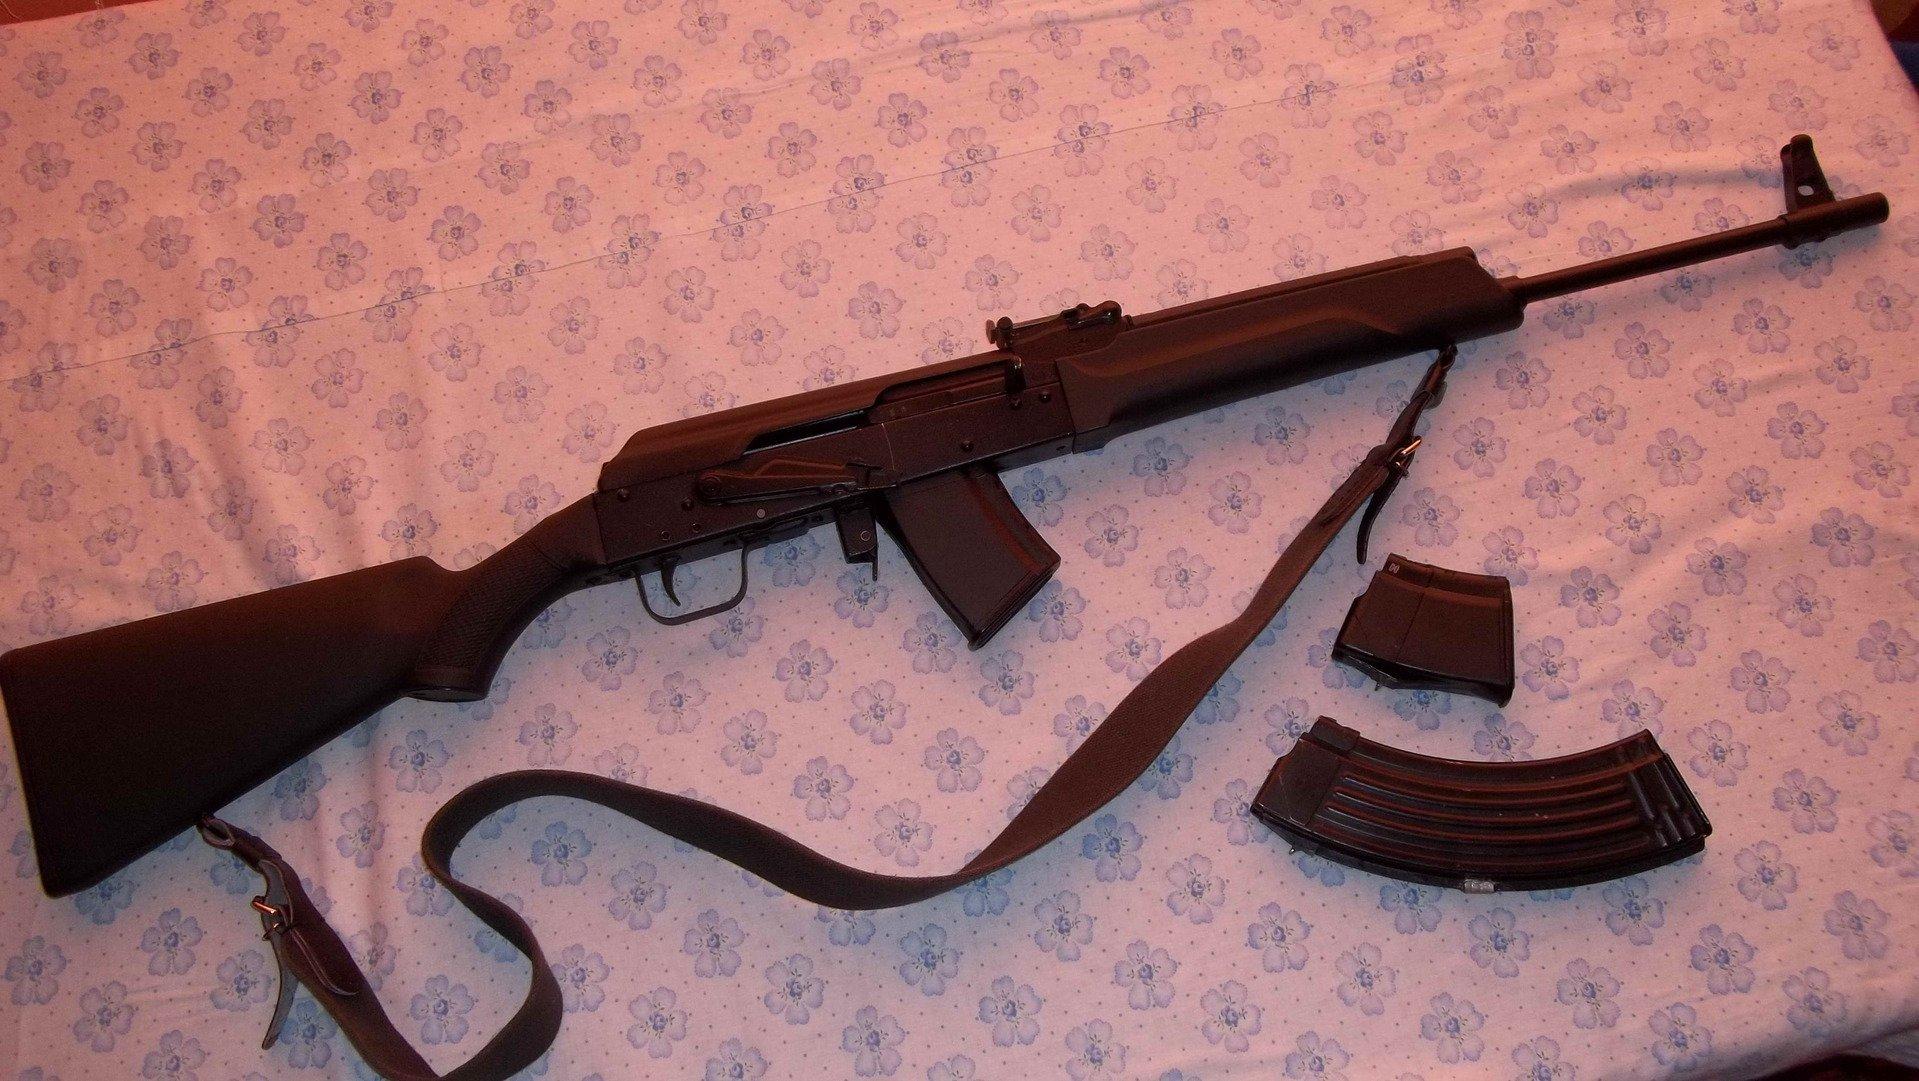 ВРостовской области нетрезвый мужчина открыл стрельбу попрохожим сдетьми